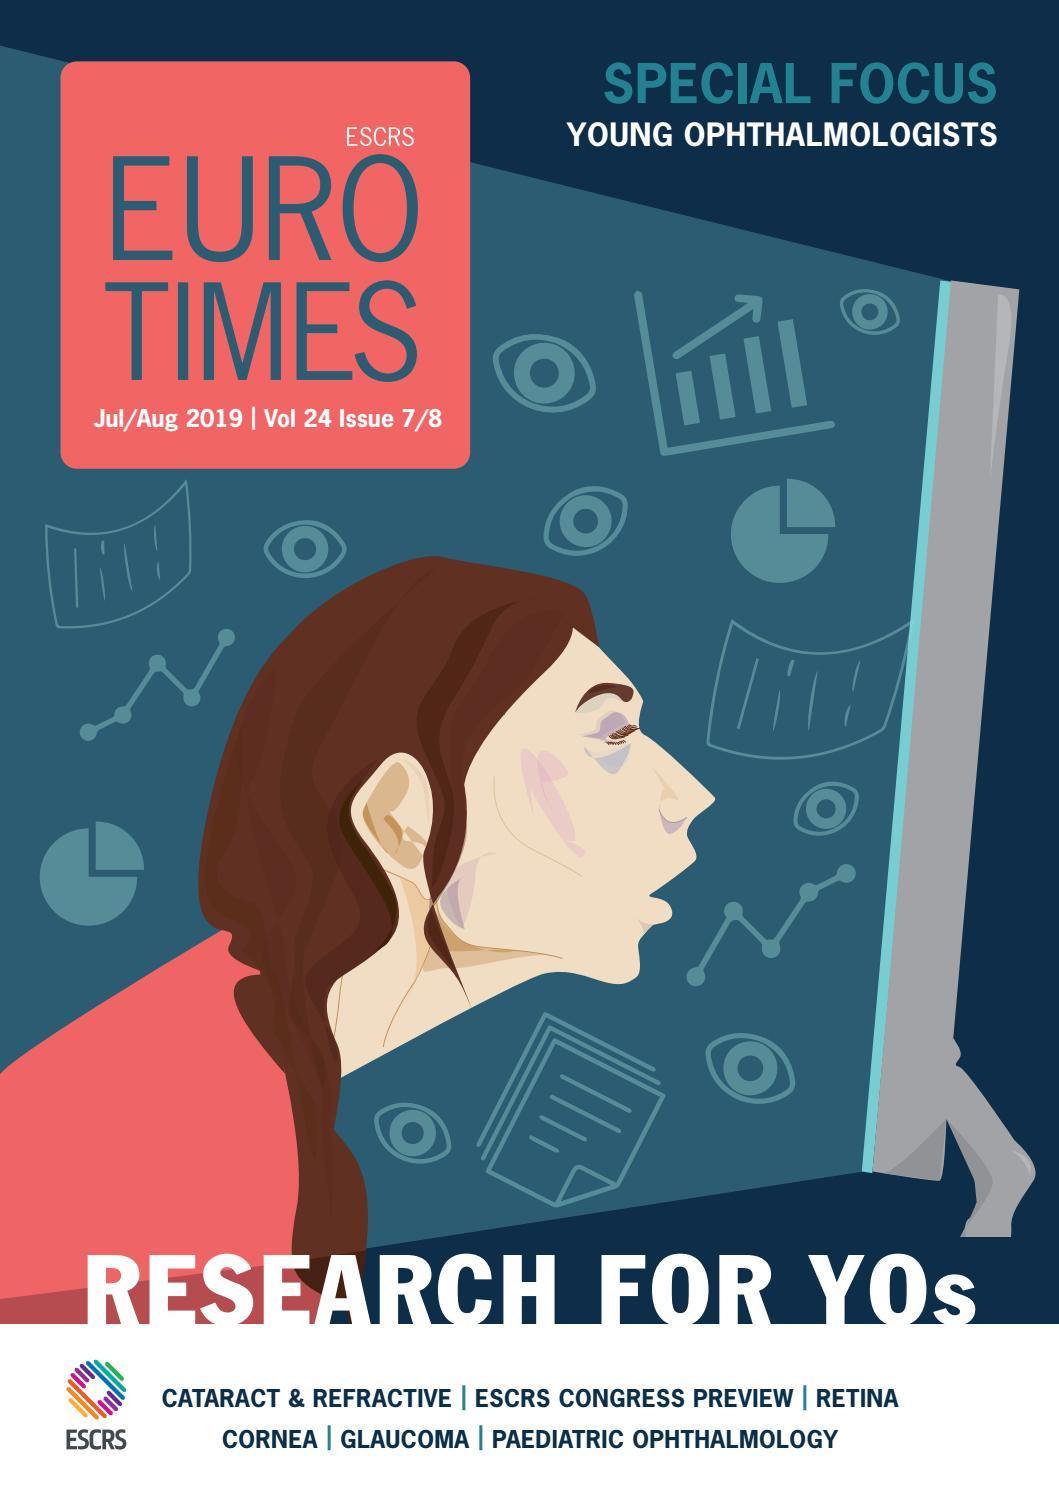 EuroTimes Jul/Aug 2019 | Vol 24 Issue 7/8 by EUROTIMES - issuu